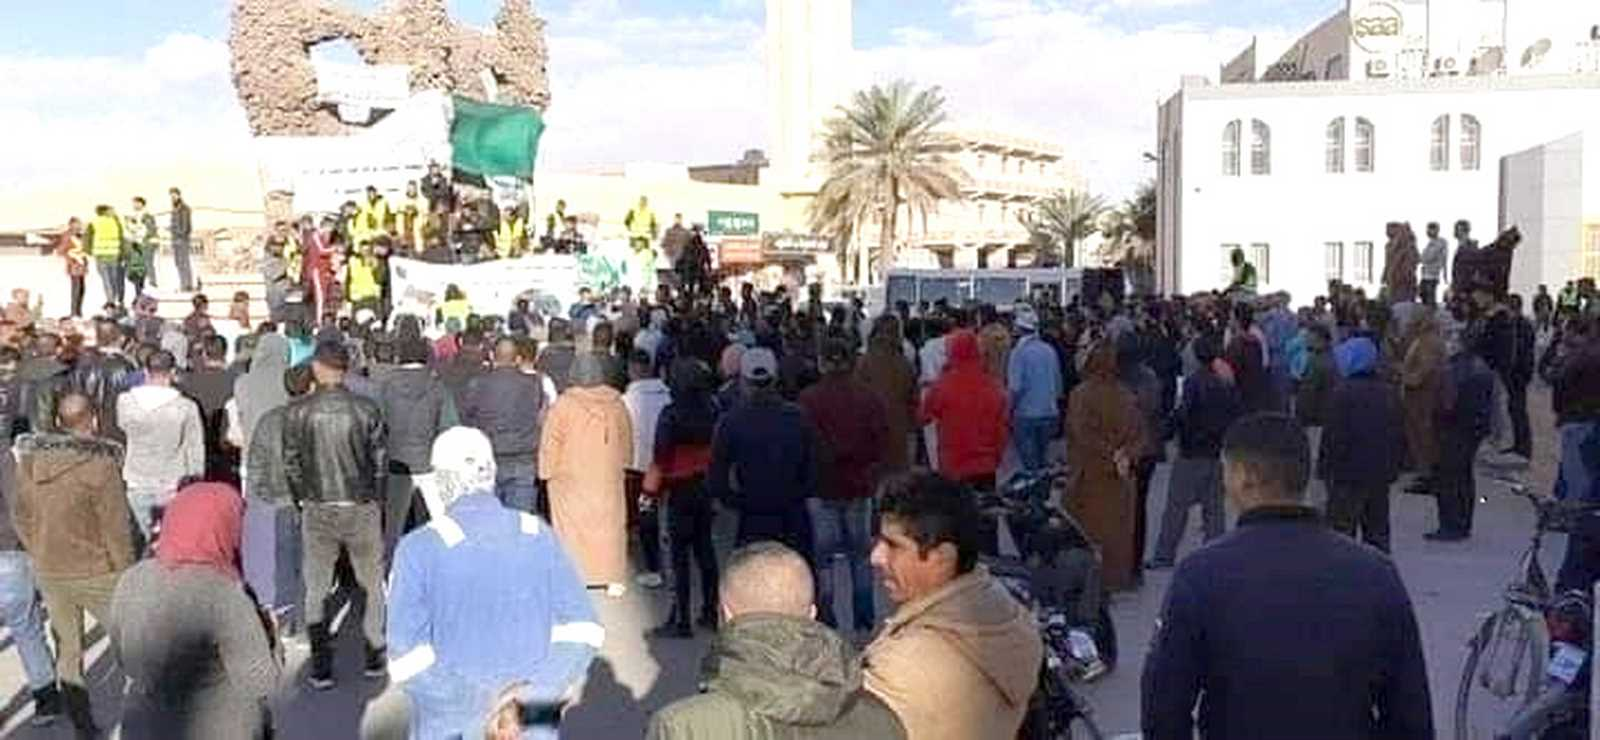 Célébration des festivités de Yannayer 2971/2021  : Mobilis partenaire du Haut Commissariat à l'Amazighité - Algérie